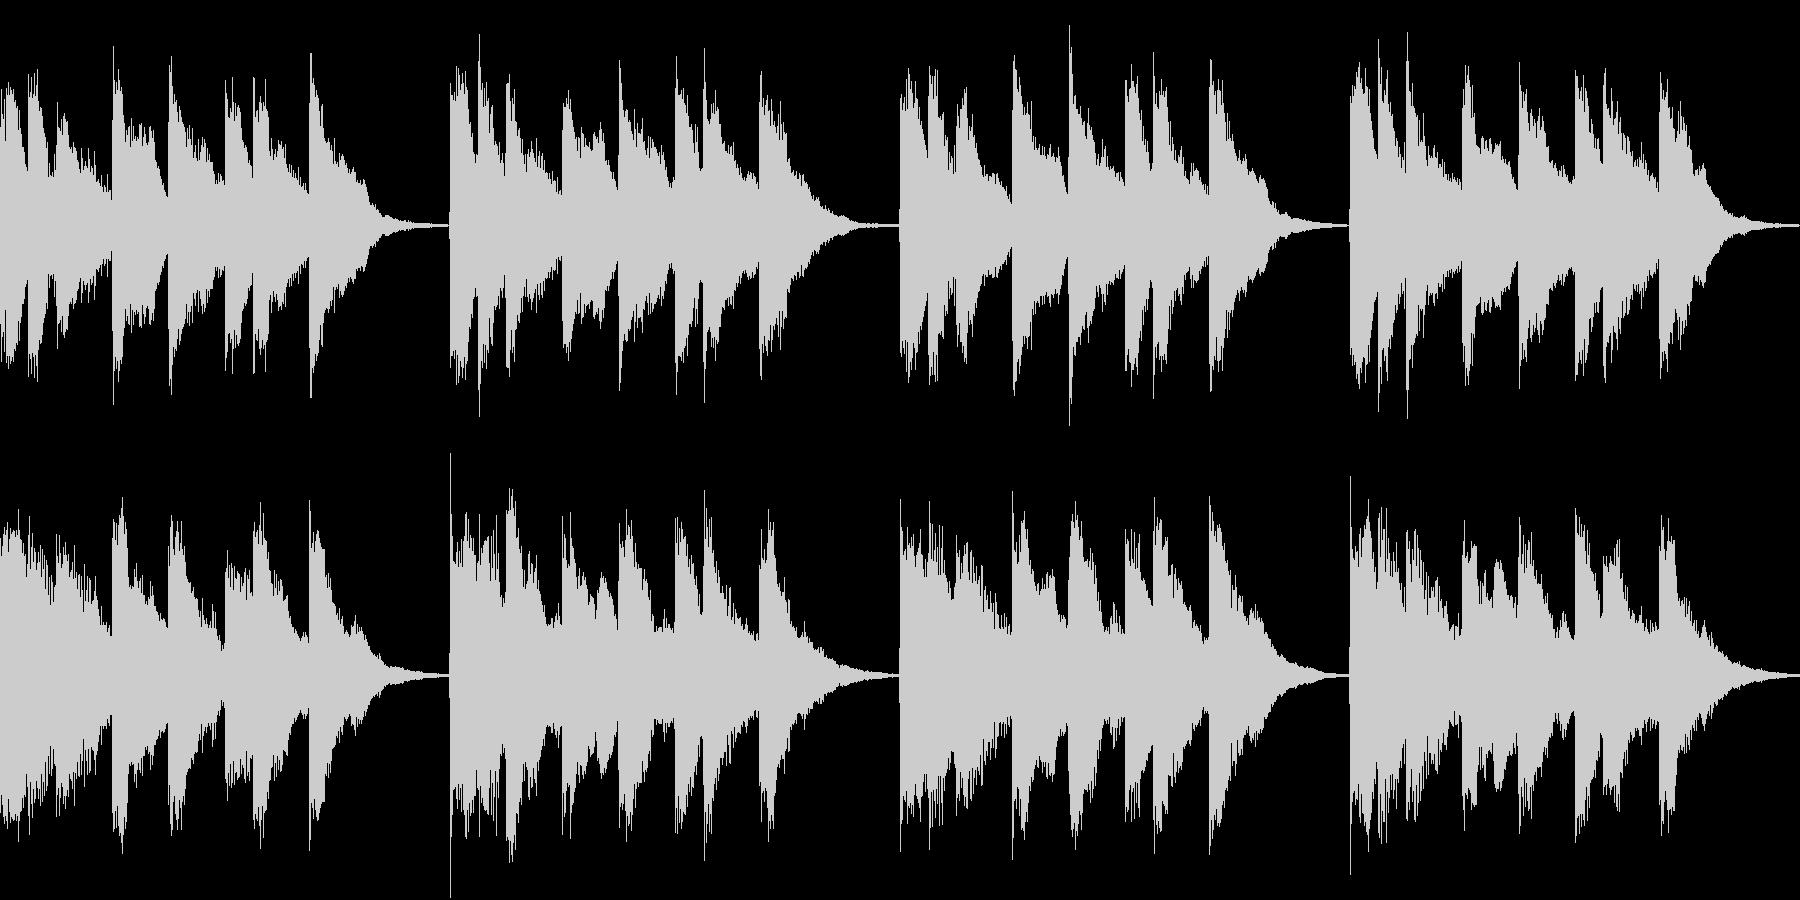 シンプル ベル 着信音 チャイム A-4の未再生の波形